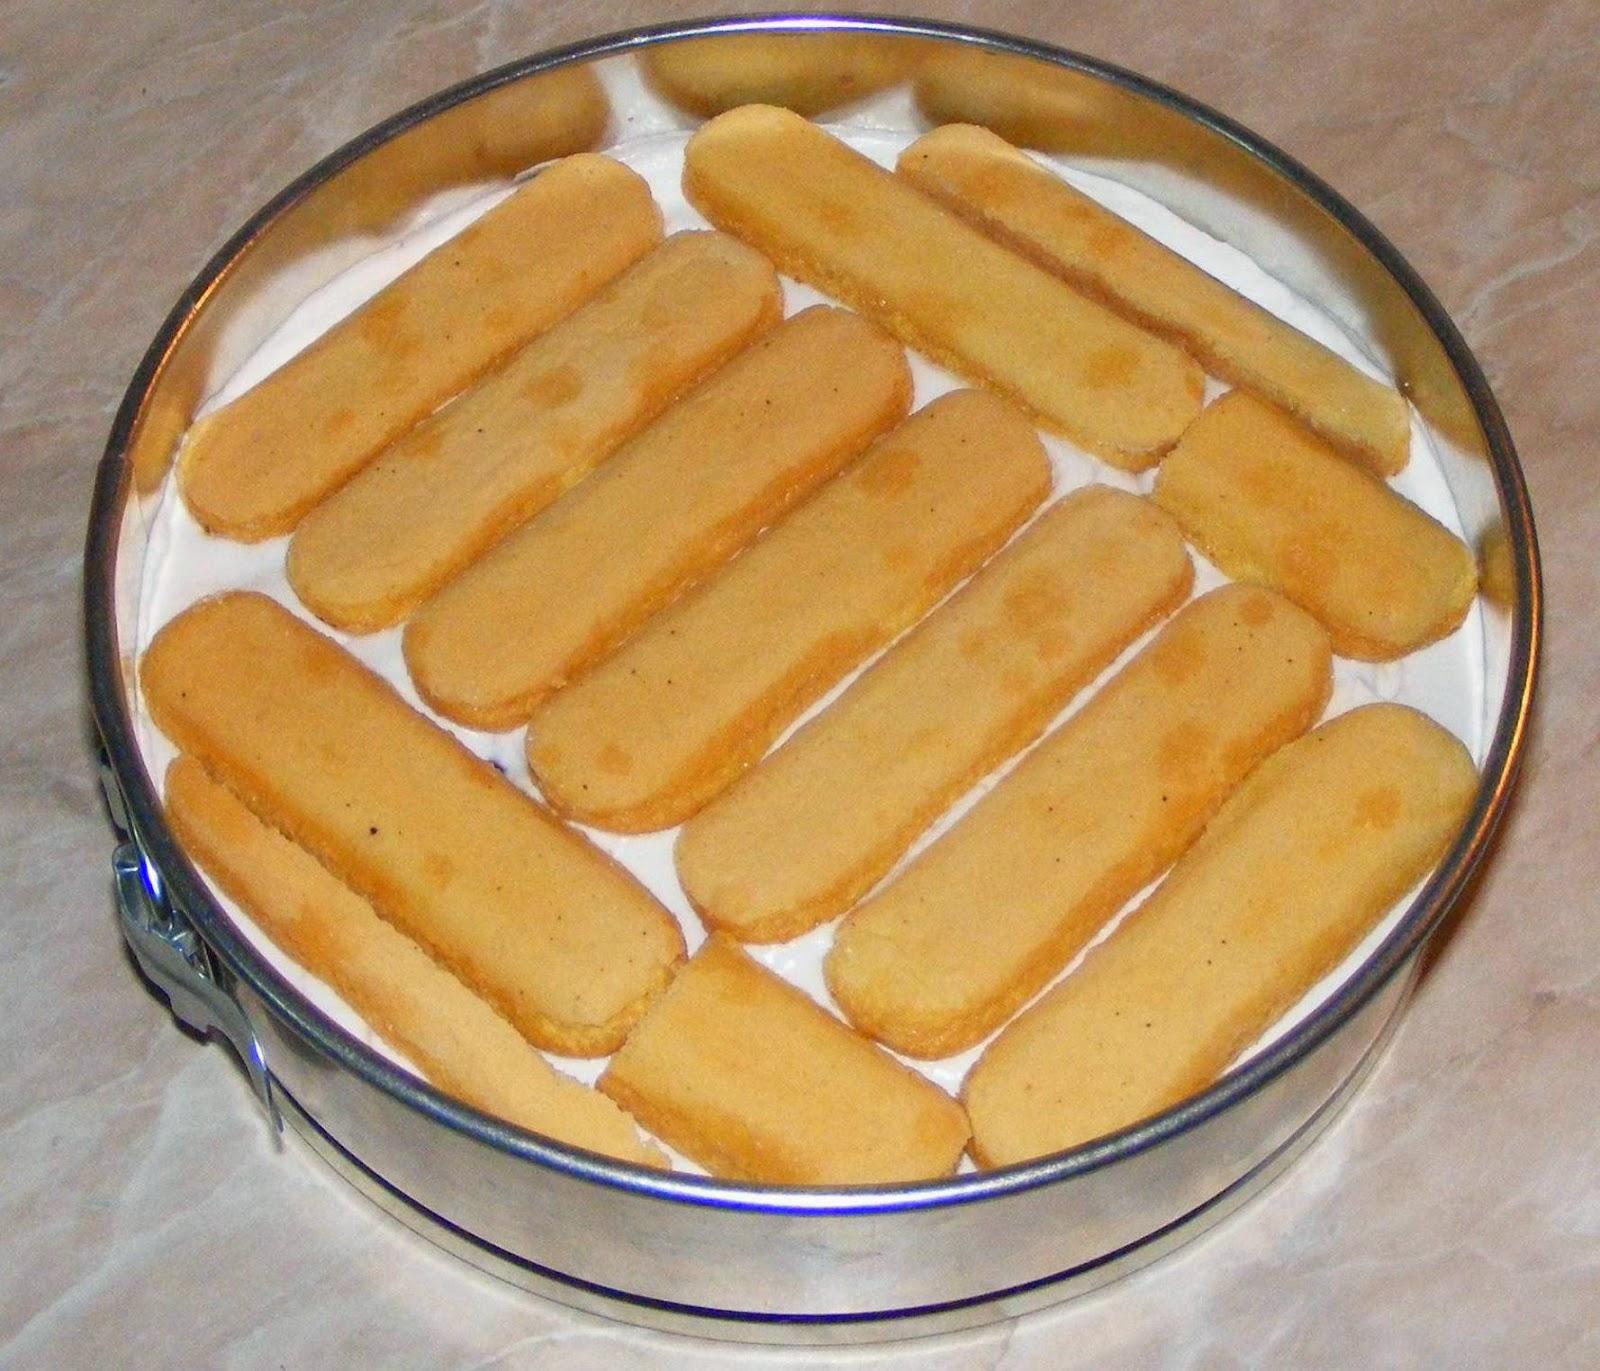 preparare tort, reteta tort, retete tort, cum se prepara un tort cu fructe, cum facem un tort cu visine si piscoturi, tort, torturi, prajituri, dulciuri, deserturi, preparare tort cu piscoturi,